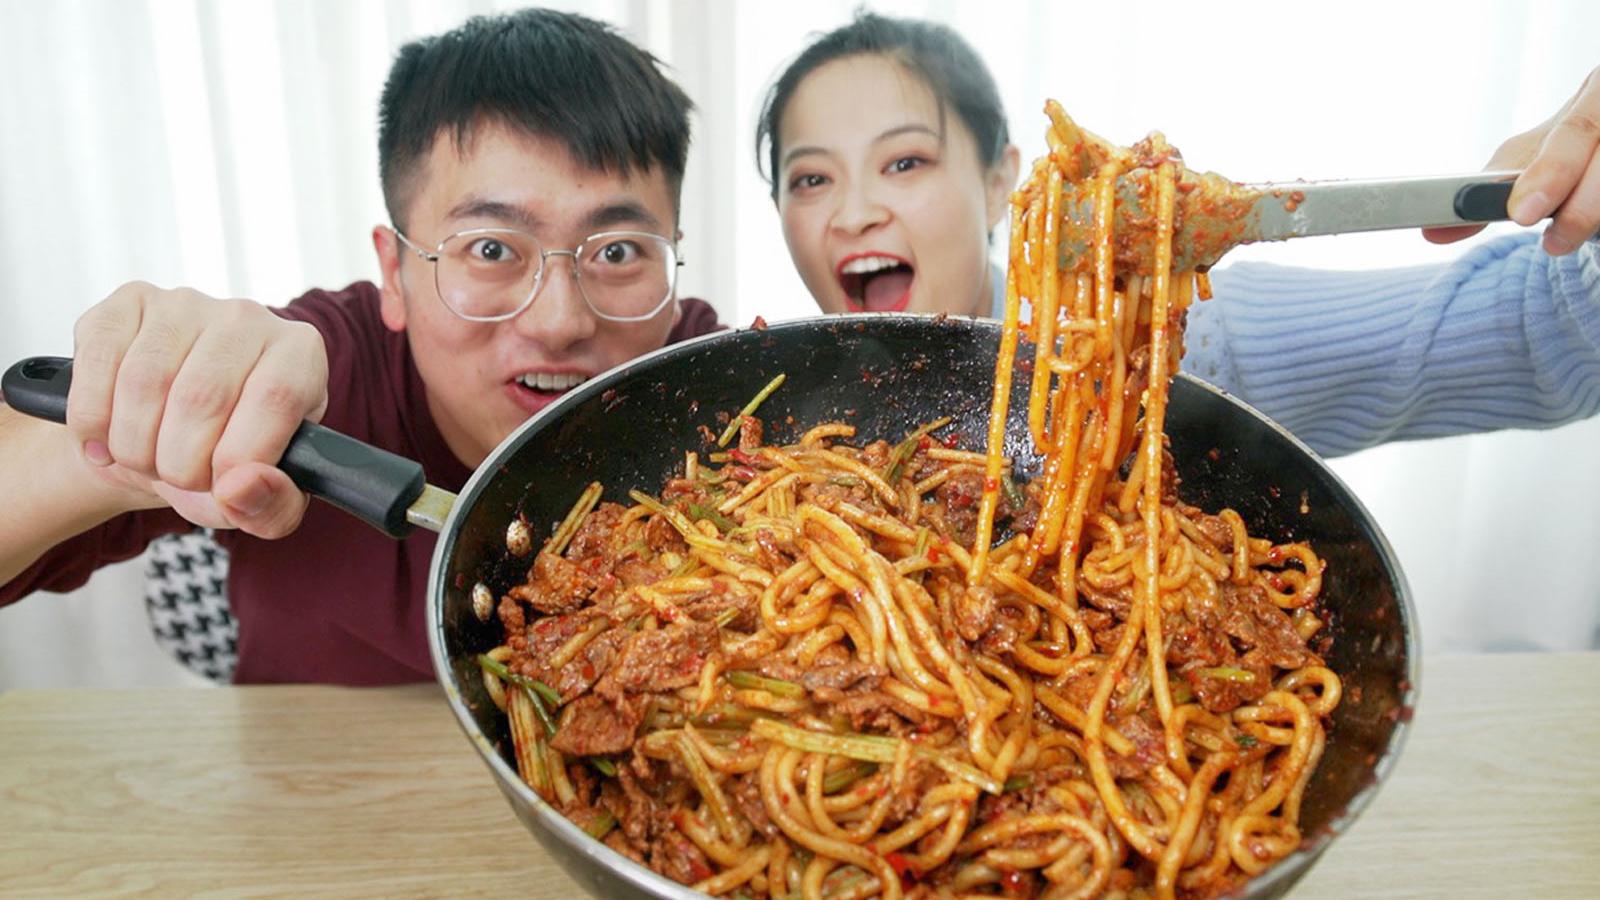 挑战新疆爆辣米粉,加了3包料和2斤牛肉,真的会爆辣吗?